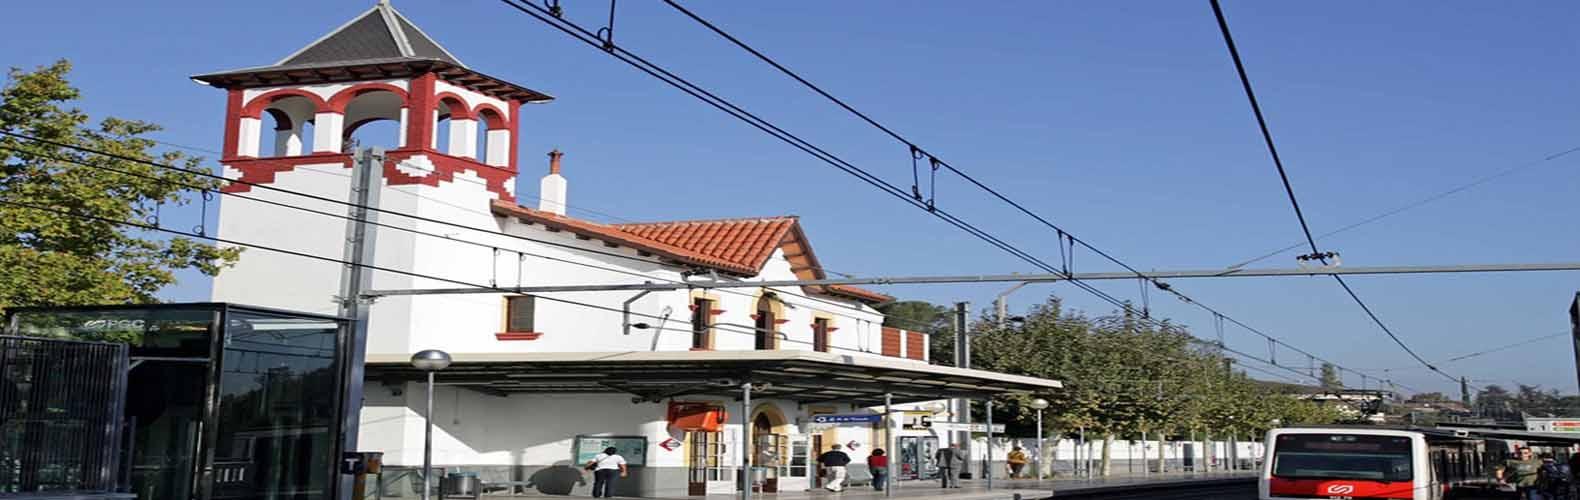 Villa en venta y alquiler en Valldoreix